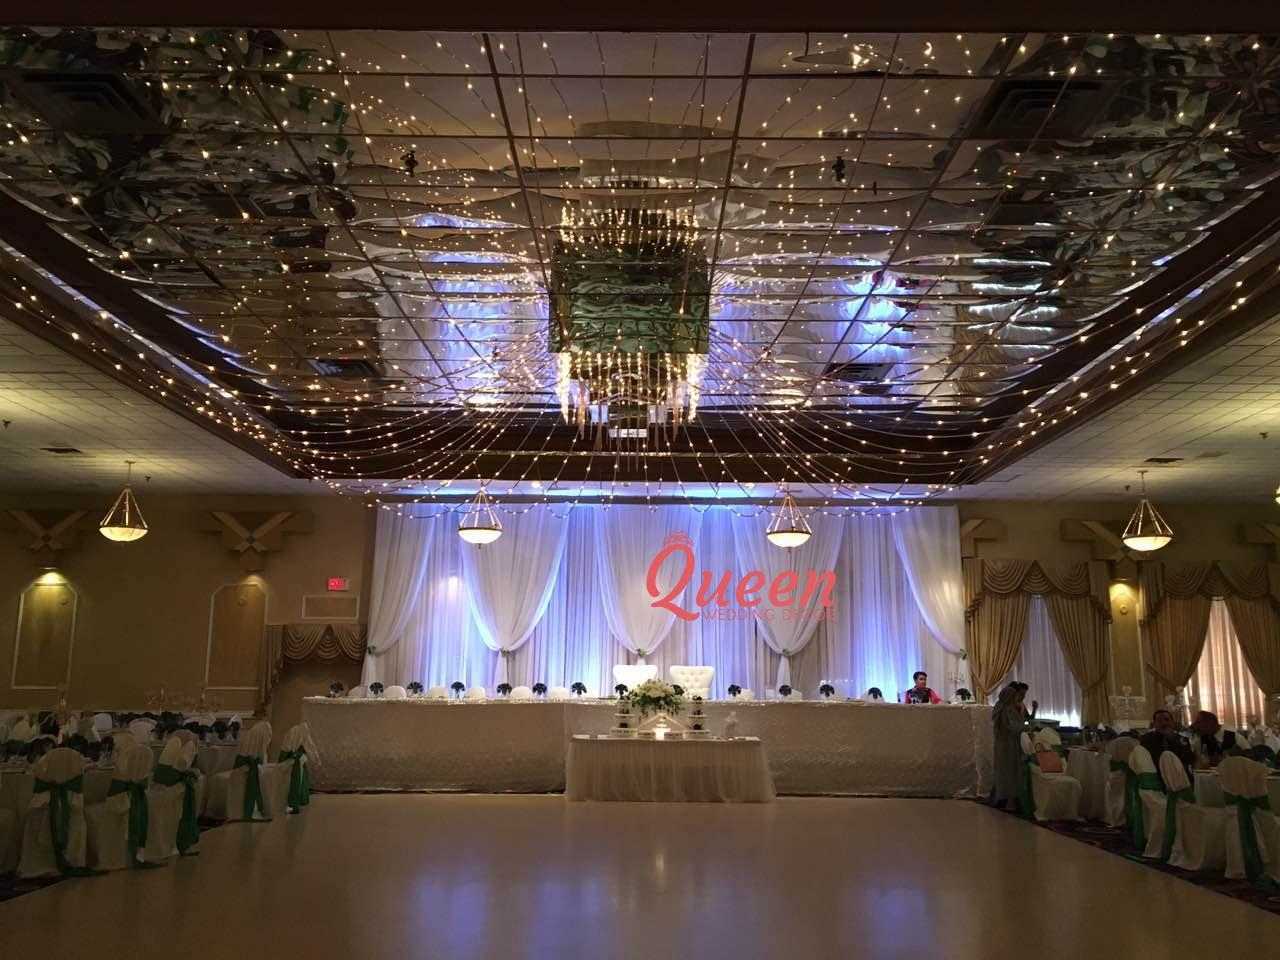 Wedding Decorations Toronto Markham And Mississauga